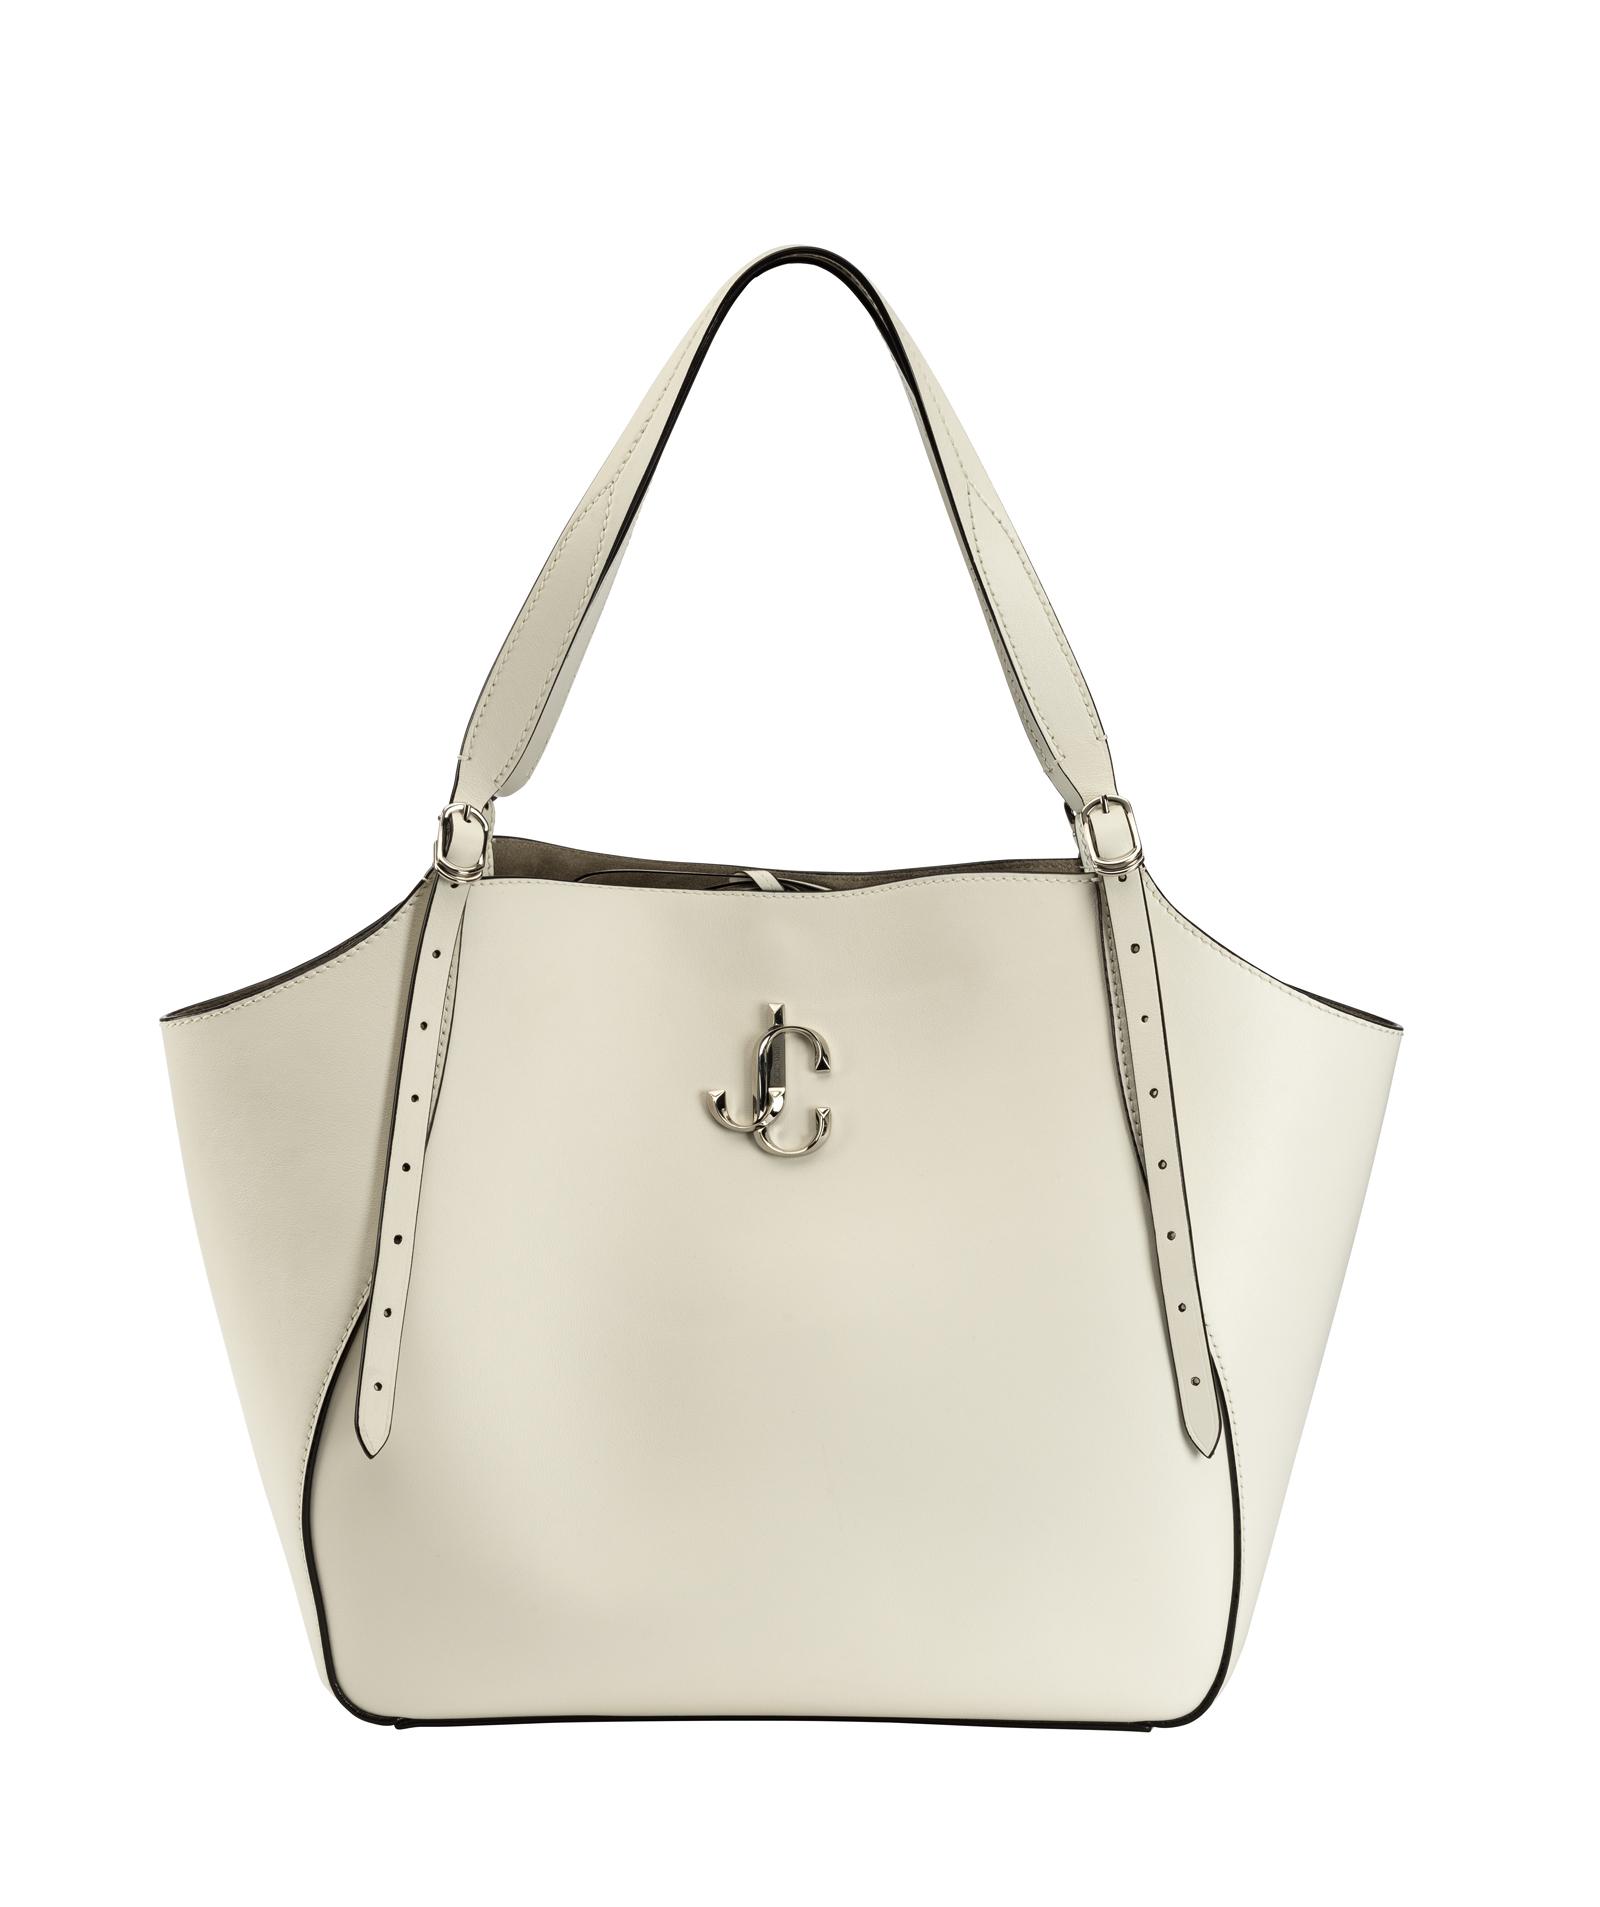 Varenne cross body handbags